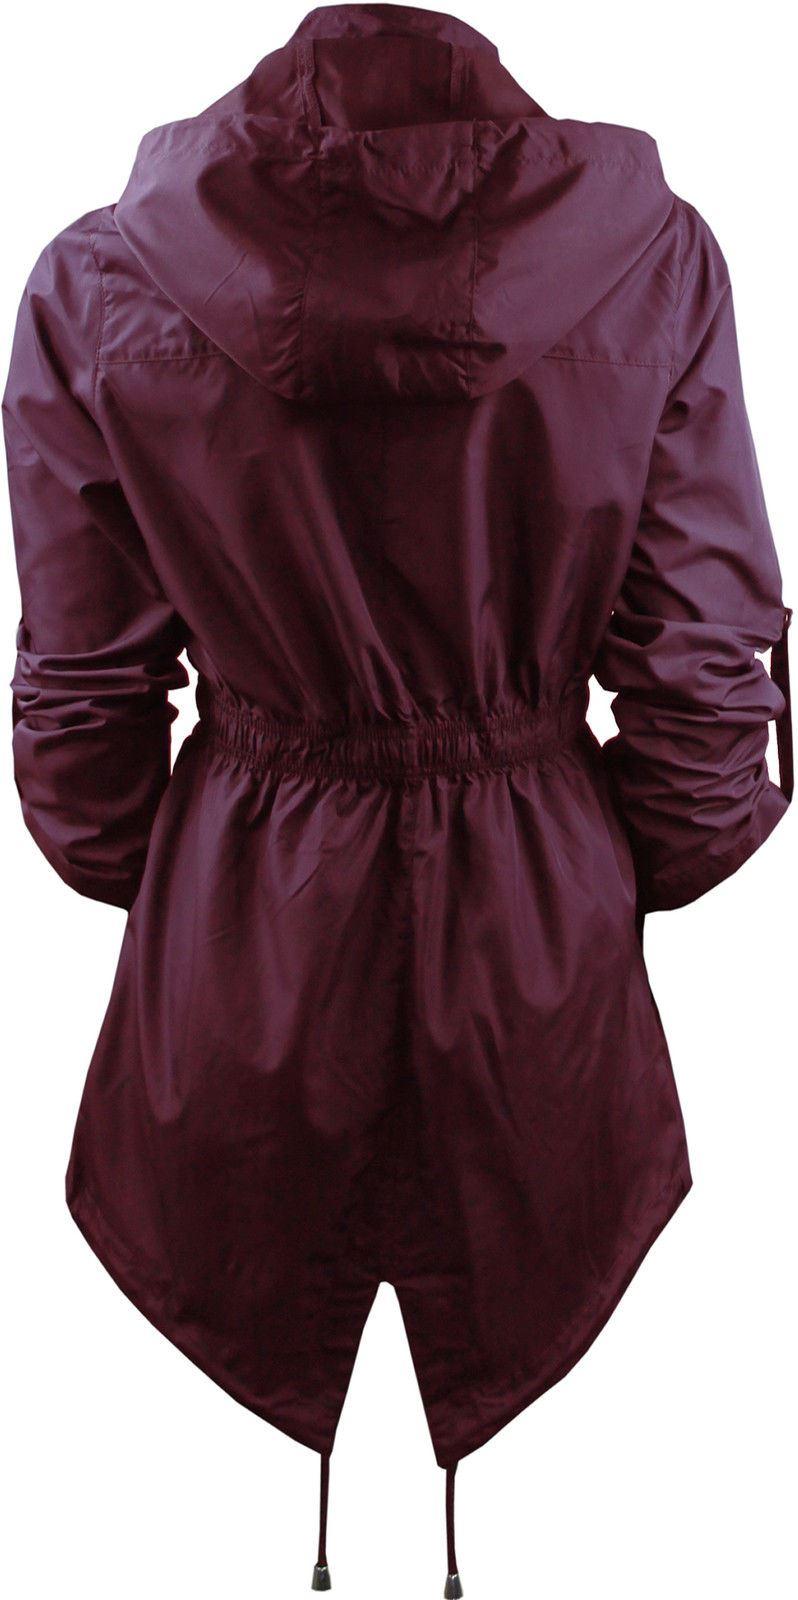 Womens-Ladies-Brave-Soul-Showerproof-Plain-Parka-Hoodie-Rain-Zip-Up-Jacket-Top thumbnail 6